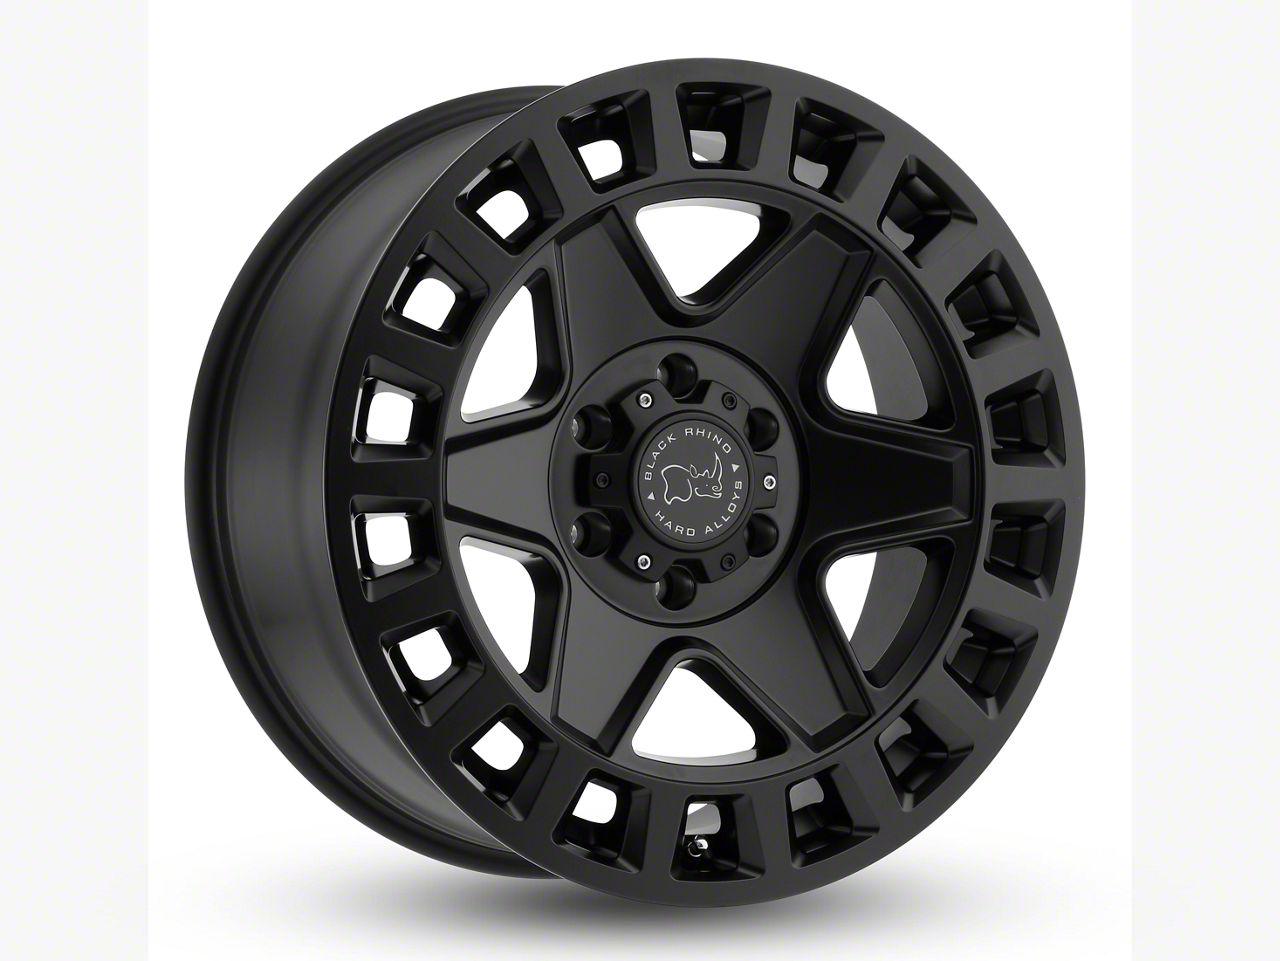 Black Rhino York Matte Black 6-Lug Wheel - 20x9 (07-18 Sierra 1500)